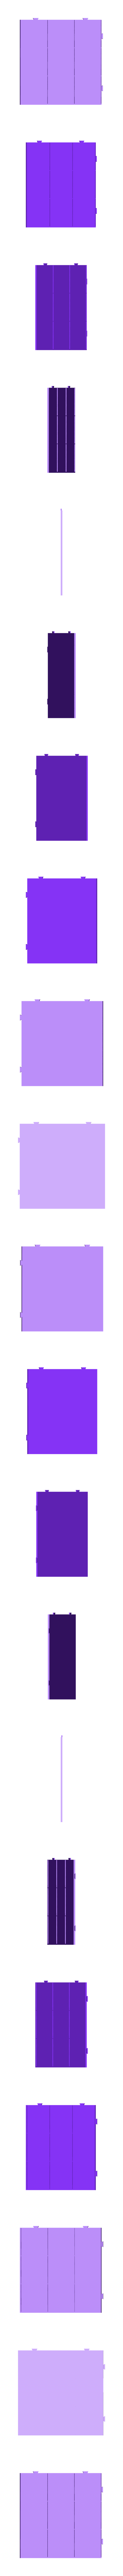 SW_QUAD.stl Télécharger fichier STL gratuit Tsuro Game Board • Objet à imprimer en 3D, jbrum360